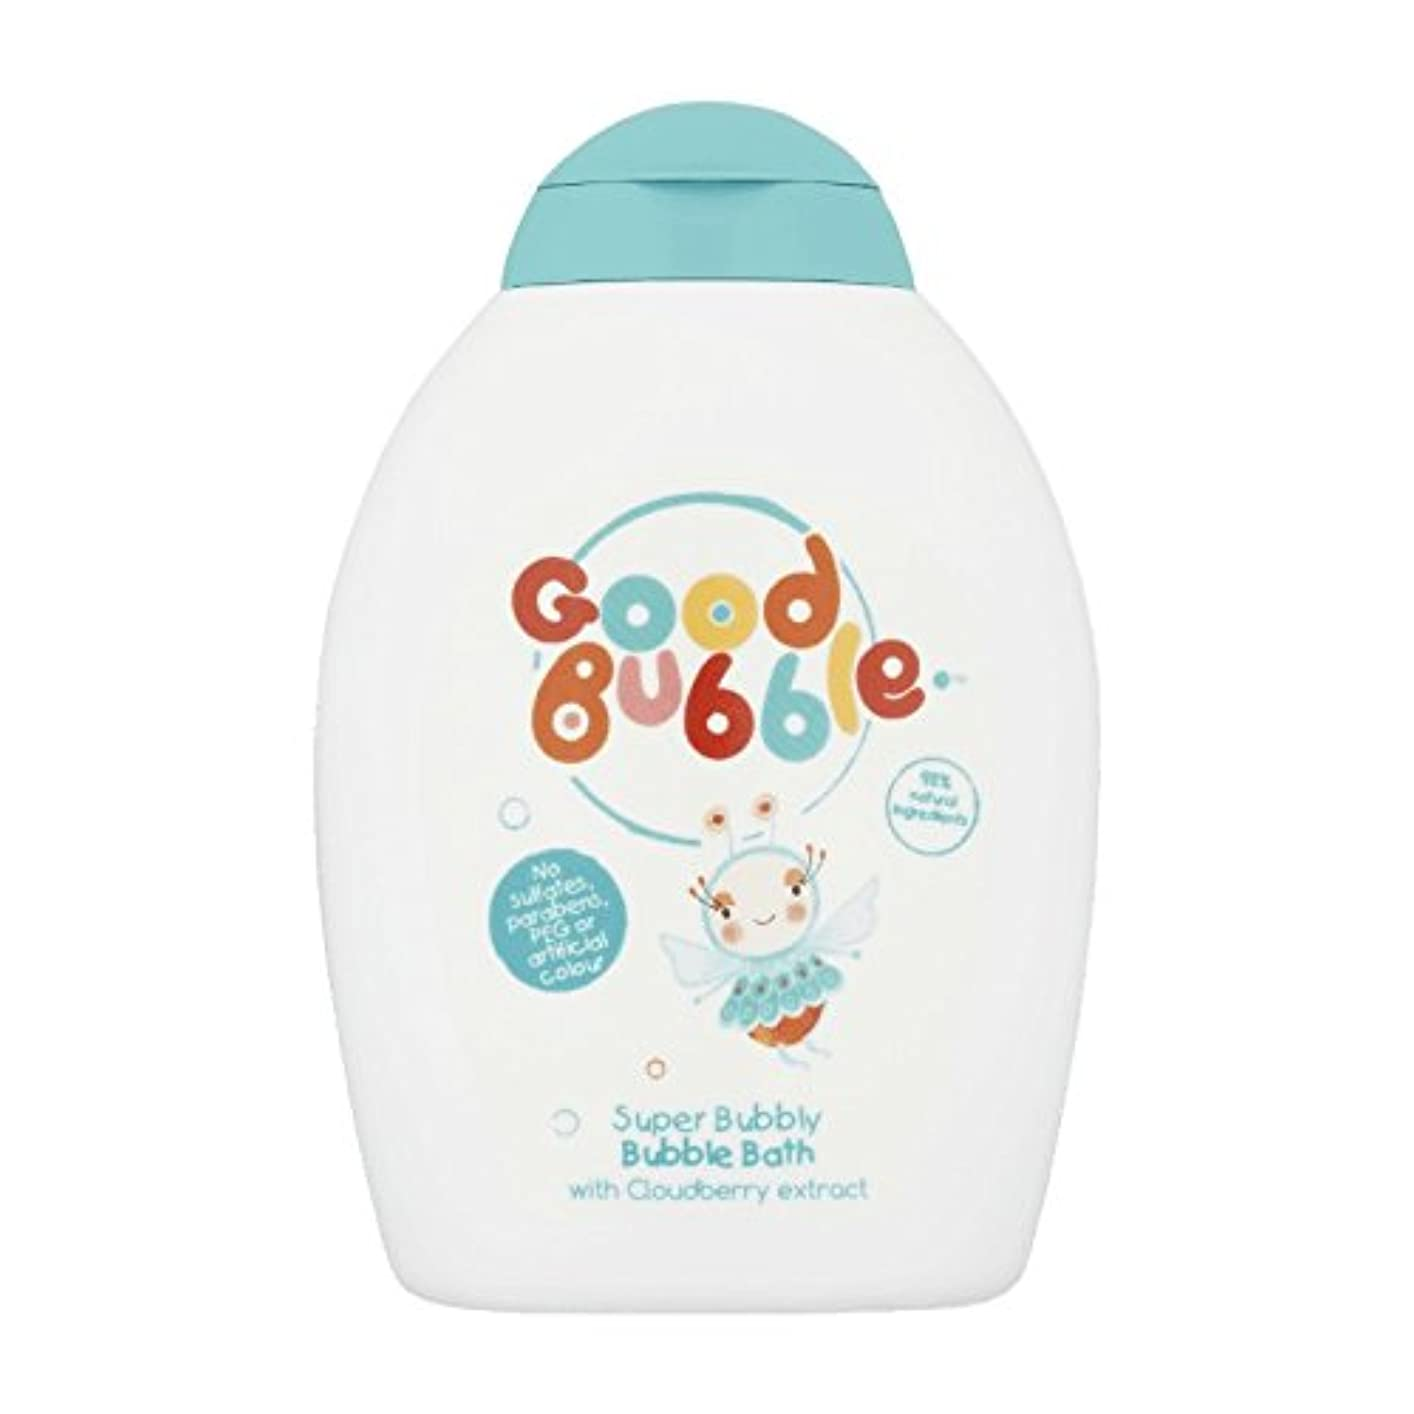 慣れている言う他のバンドで良いバブルクラウドベリーバブルバス400ミリリットル - Good Bubble Cloudberry Bubble Bath 400ml (Good Bubble) [並行輸入品]